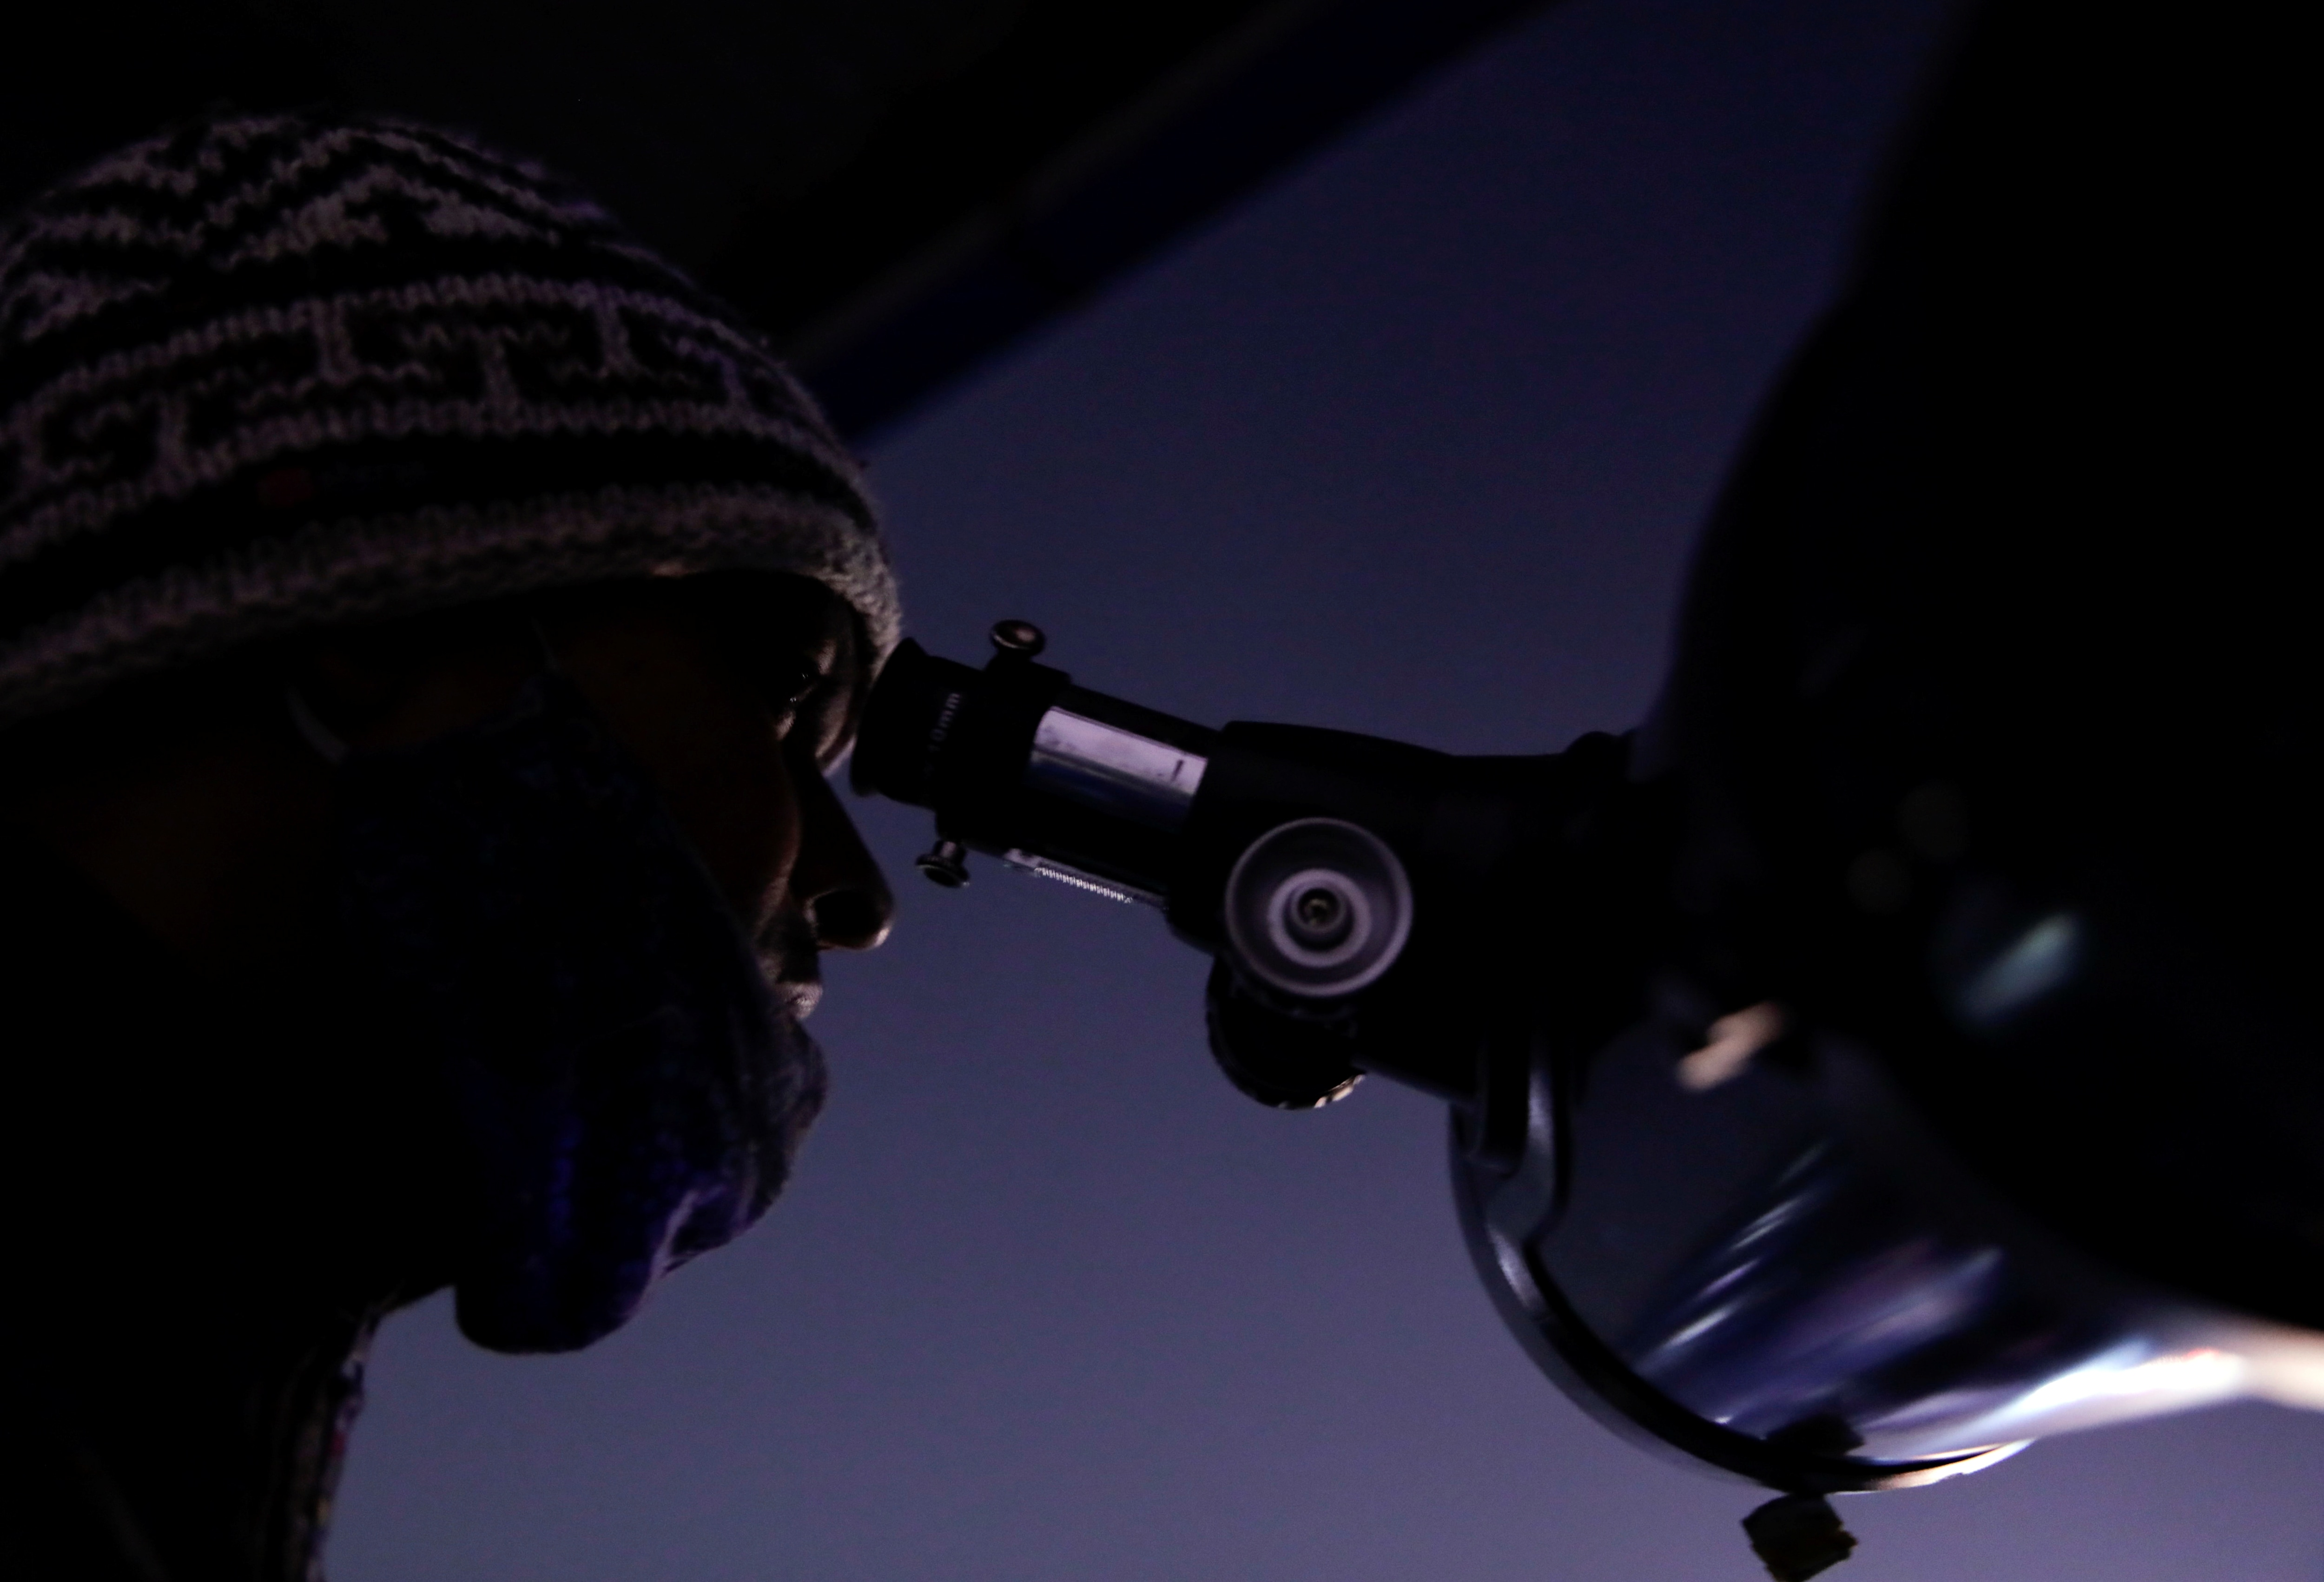 কাঠমান্ডুতে টেলিস্কোপে চোখ (REUTERS)